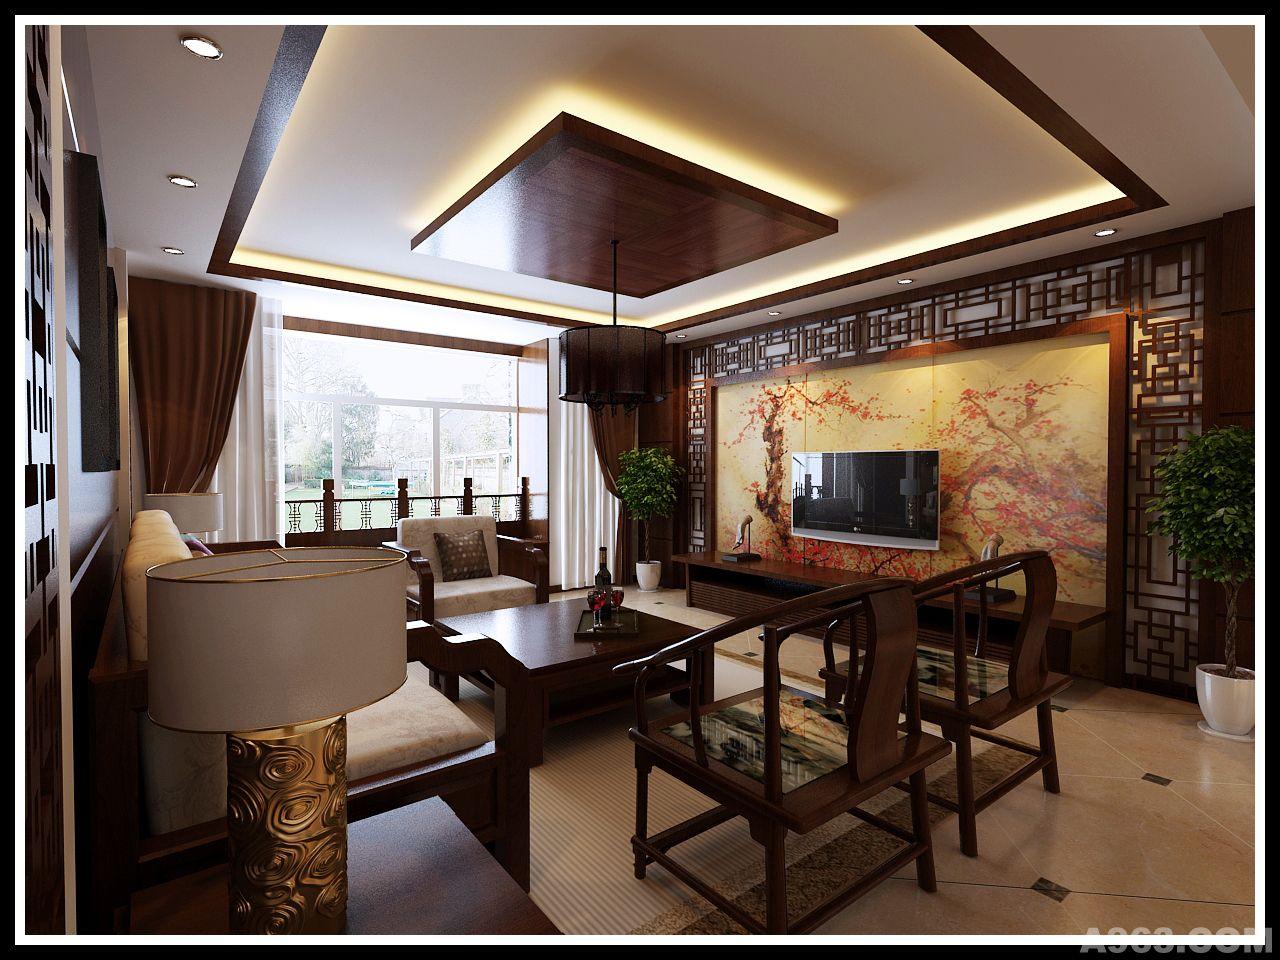 大面积墙面处理运用象牙白为主色调,中国风特色的壁画作为作为点缀,色